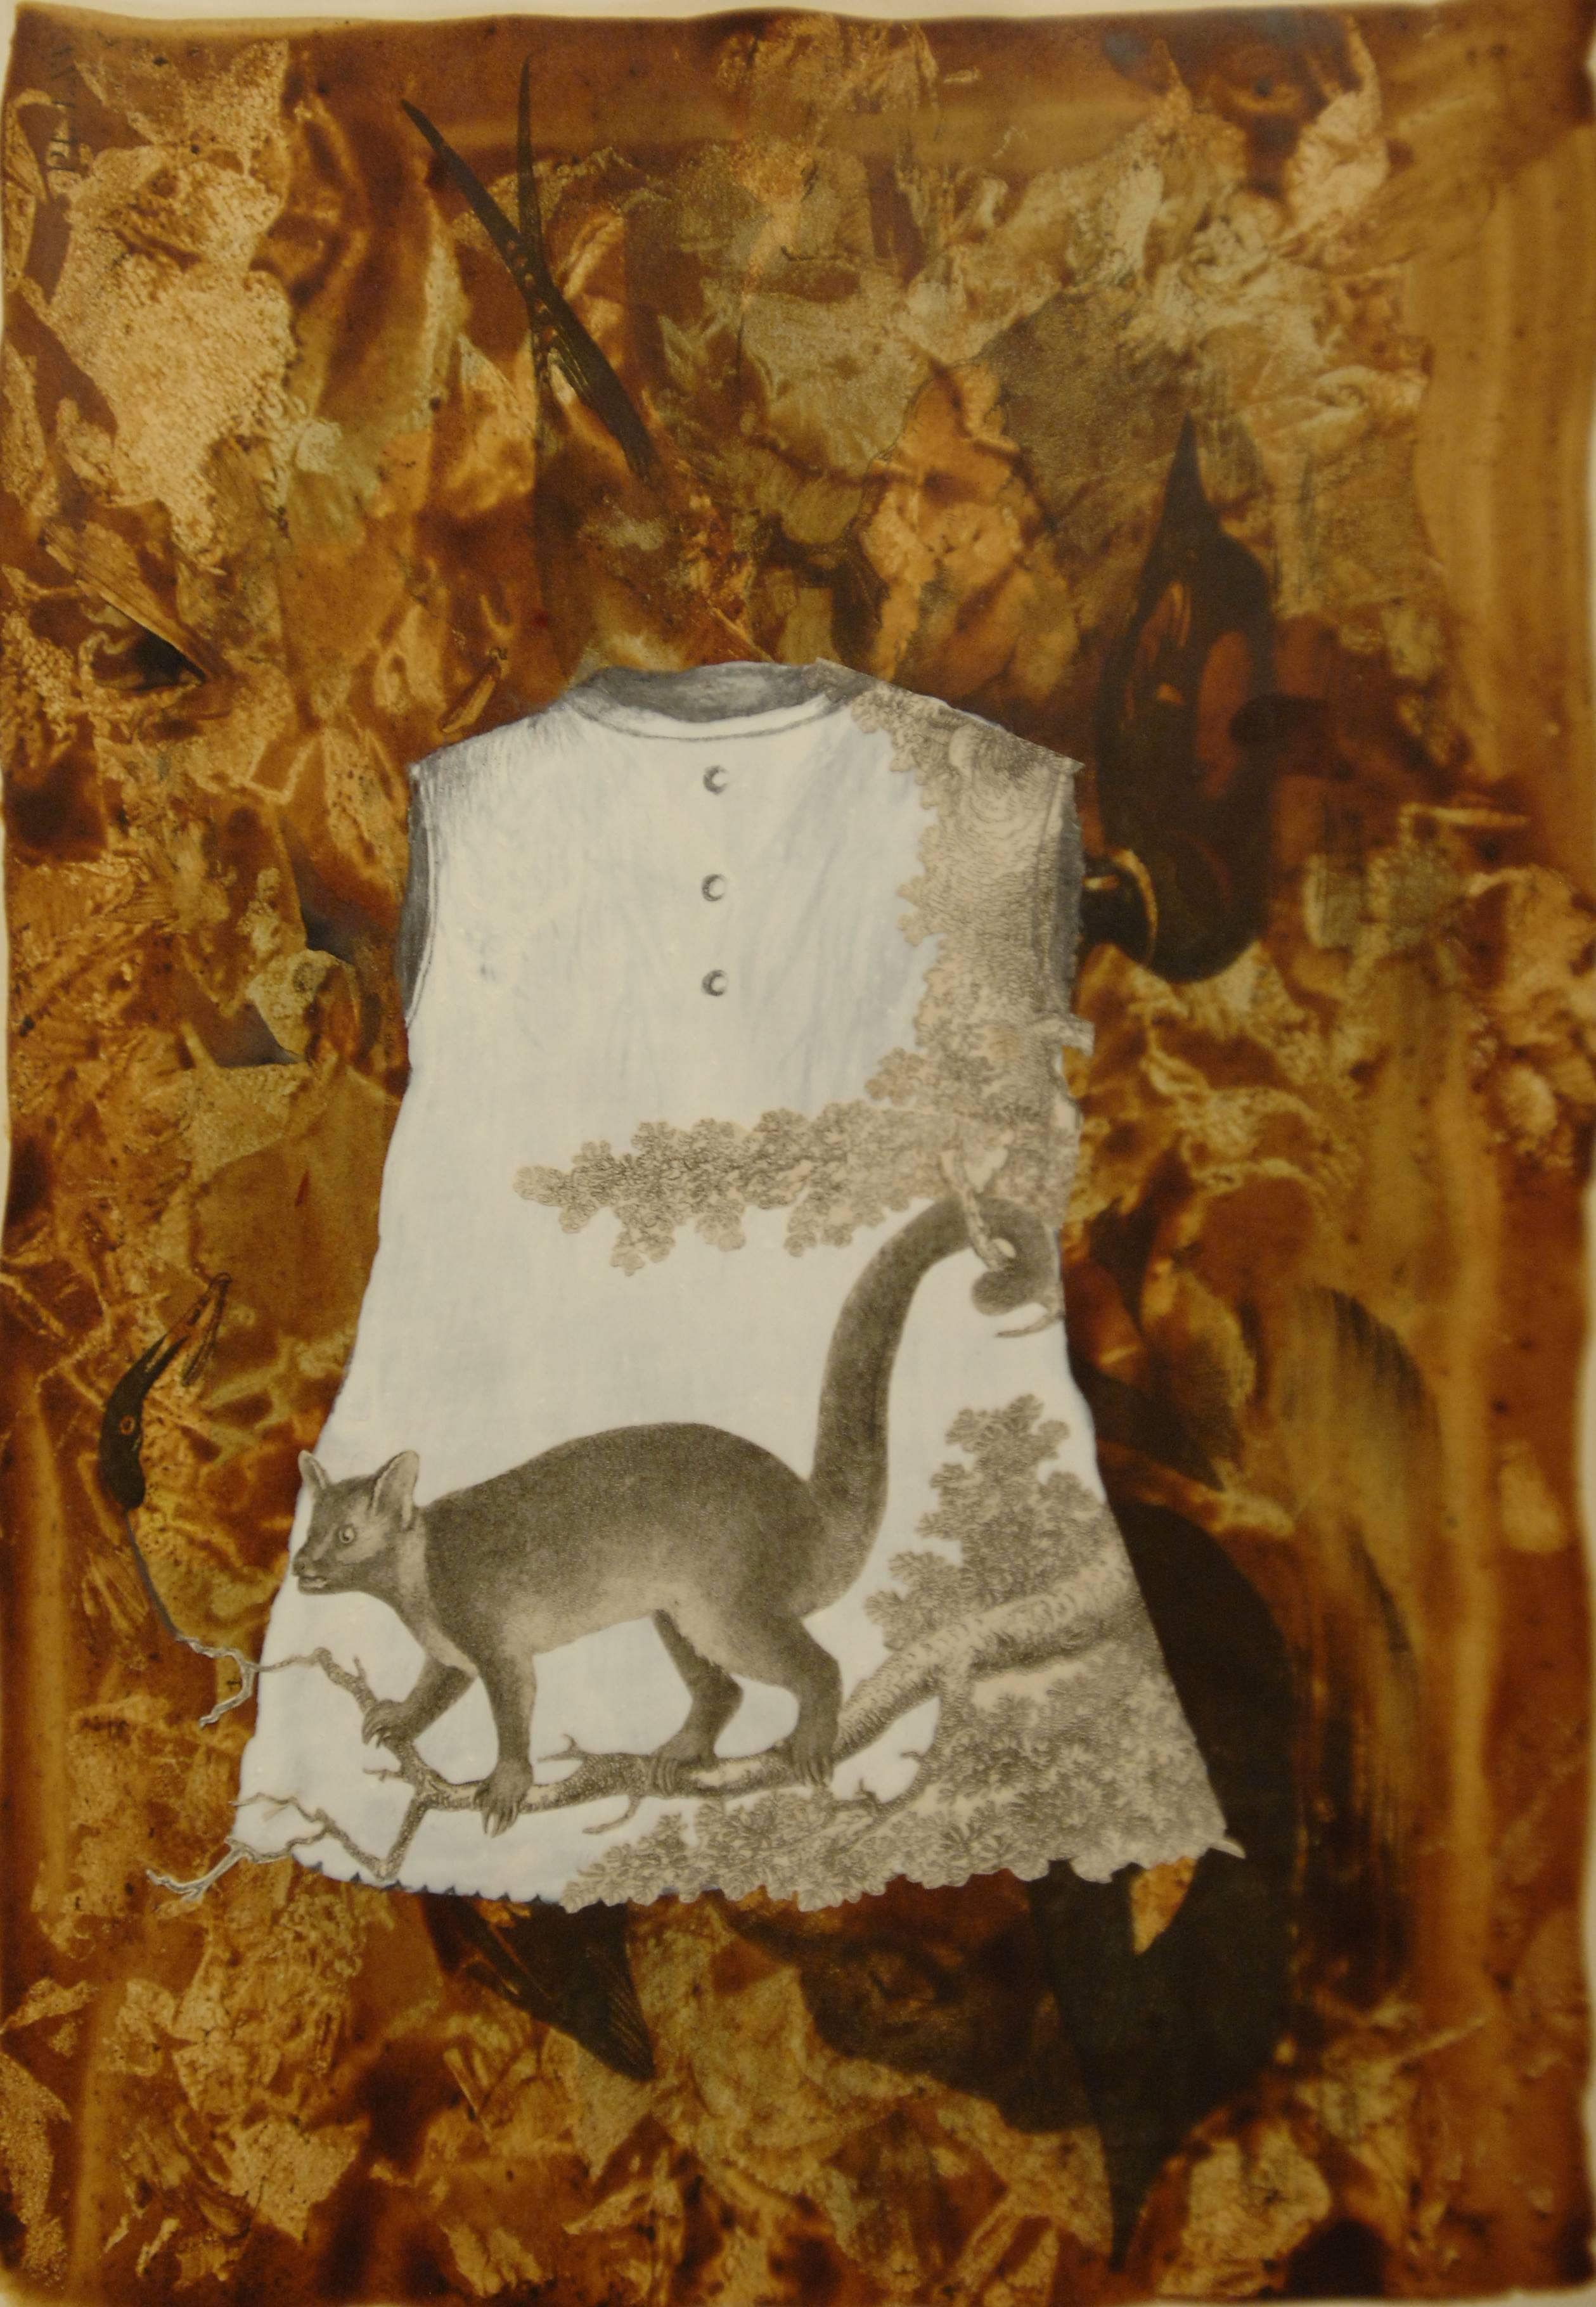 El bosque dentro de mí, 2015<br/>Tinta, dibujo y espinas de puercoespín.